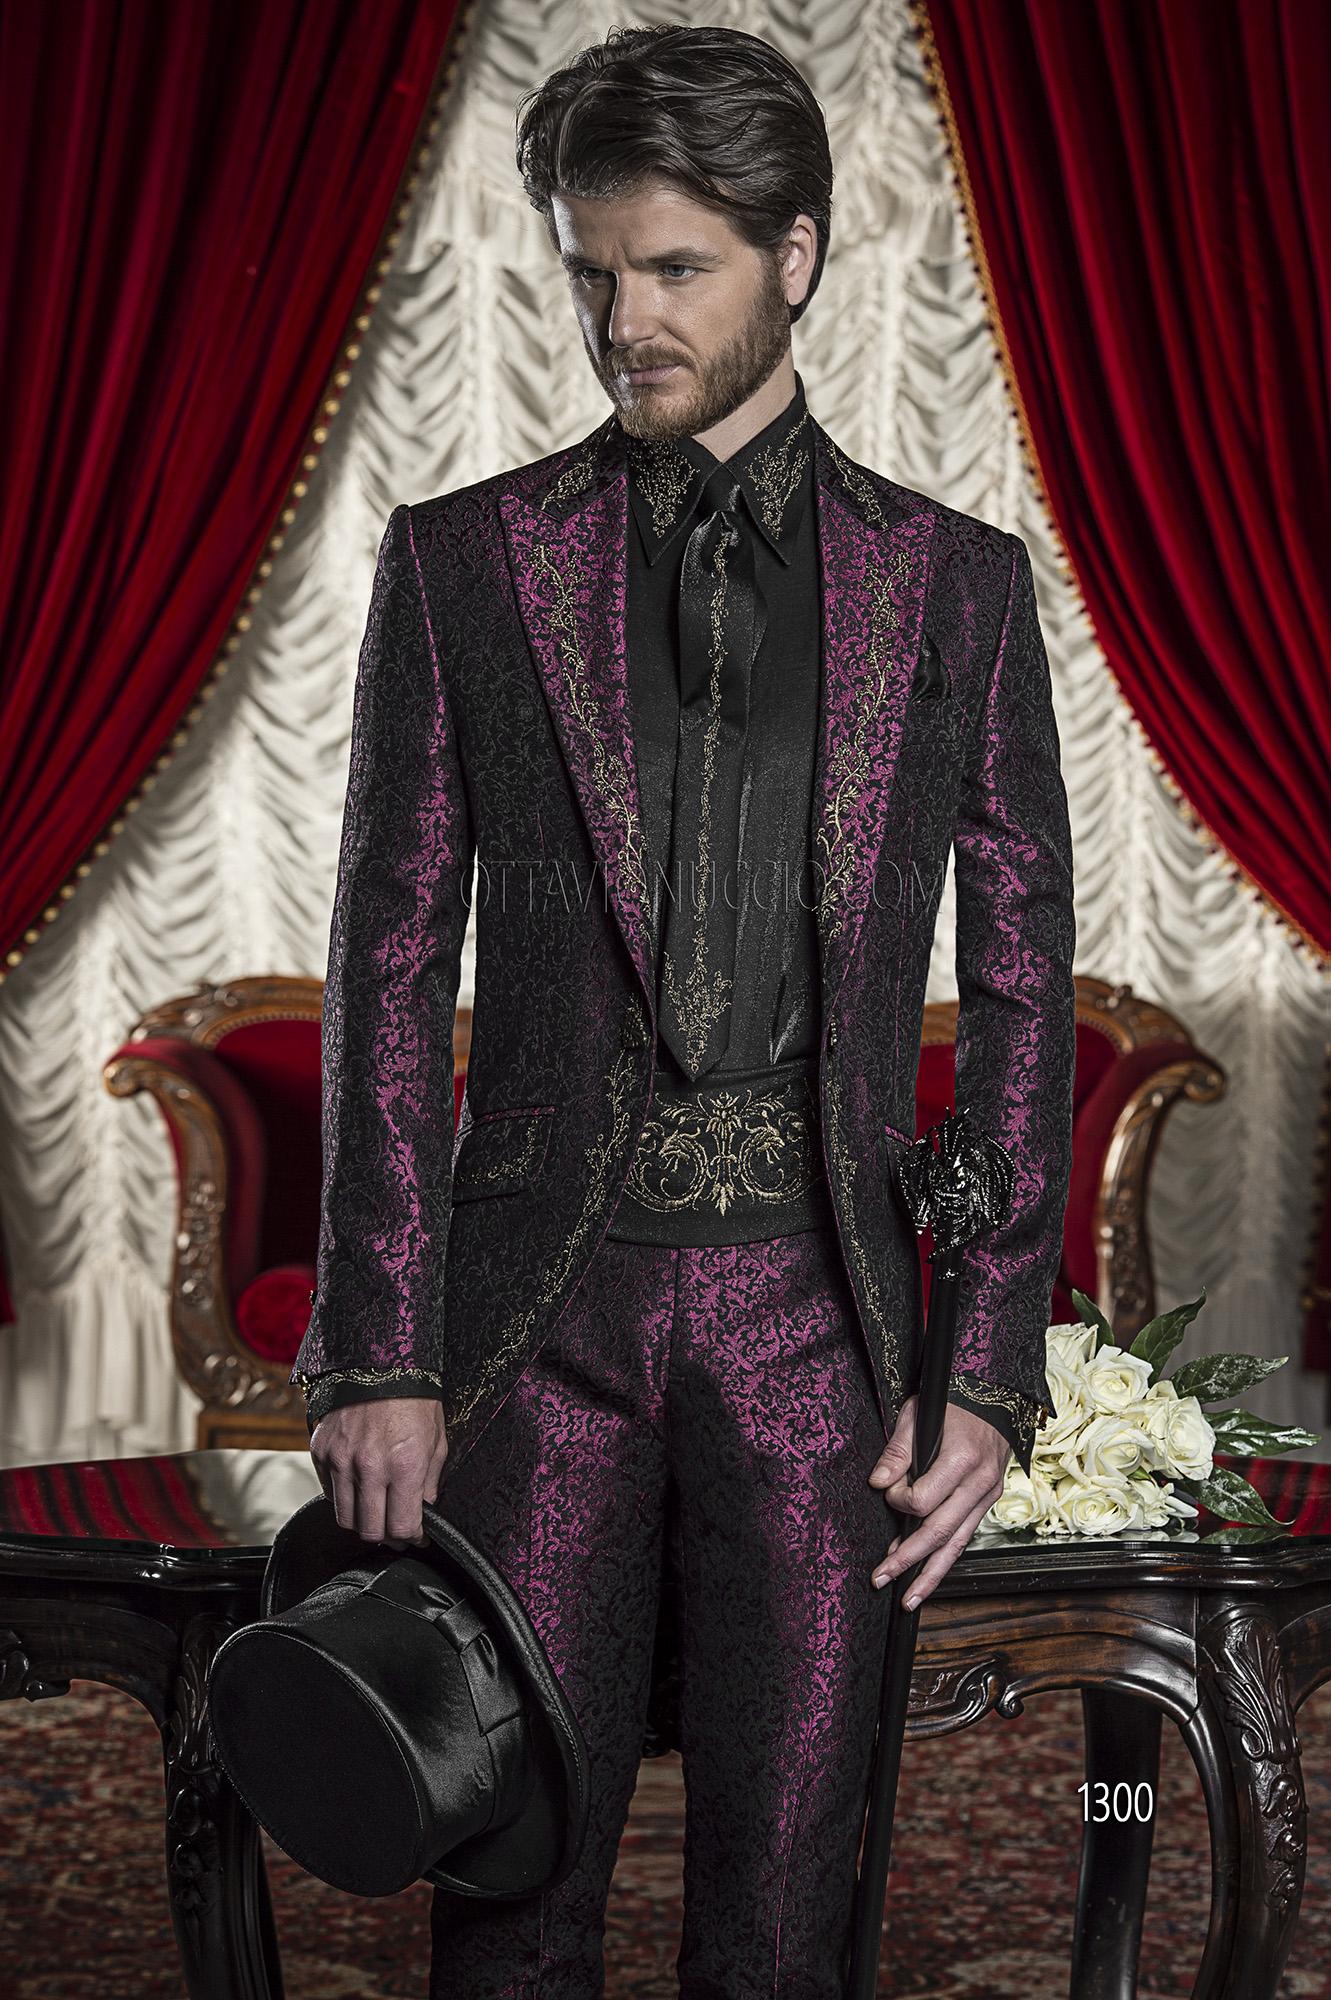 Vestito Matrimonio Uomo Viola : Abito da cerimonia uomo viola broccato ricamato nero e oro